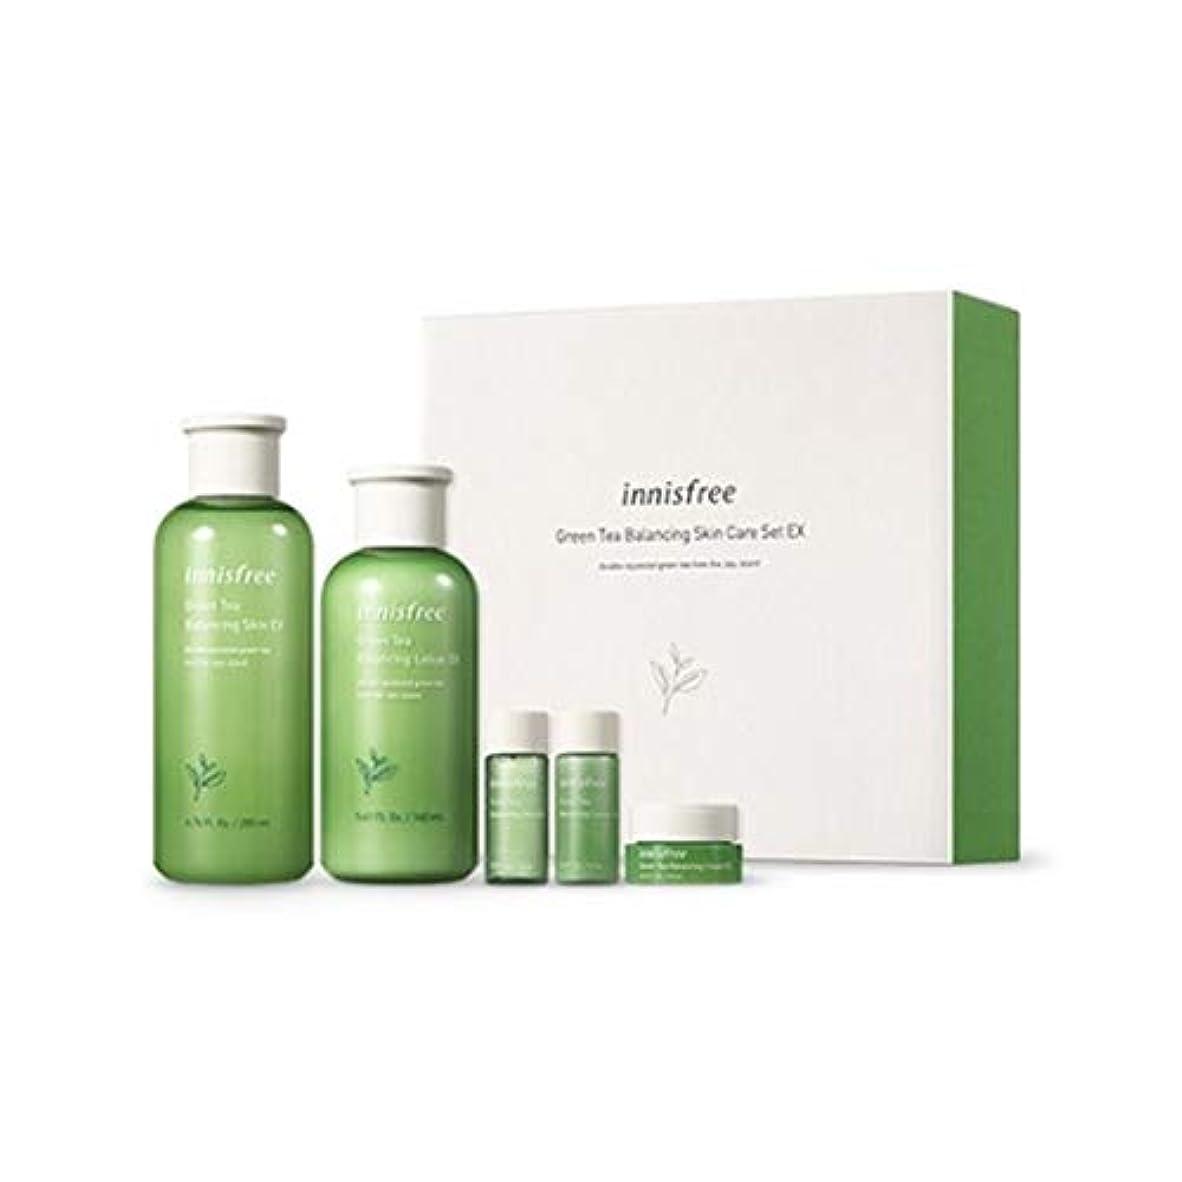 安全でない間違い打ち負かすイニスフリーグリーンティーバランシングスキンケアセットの水分ケア韓国コスメ、innisfree Green Tea Balancing Skin Care Set Korean Cosmetics [並行輸入品]